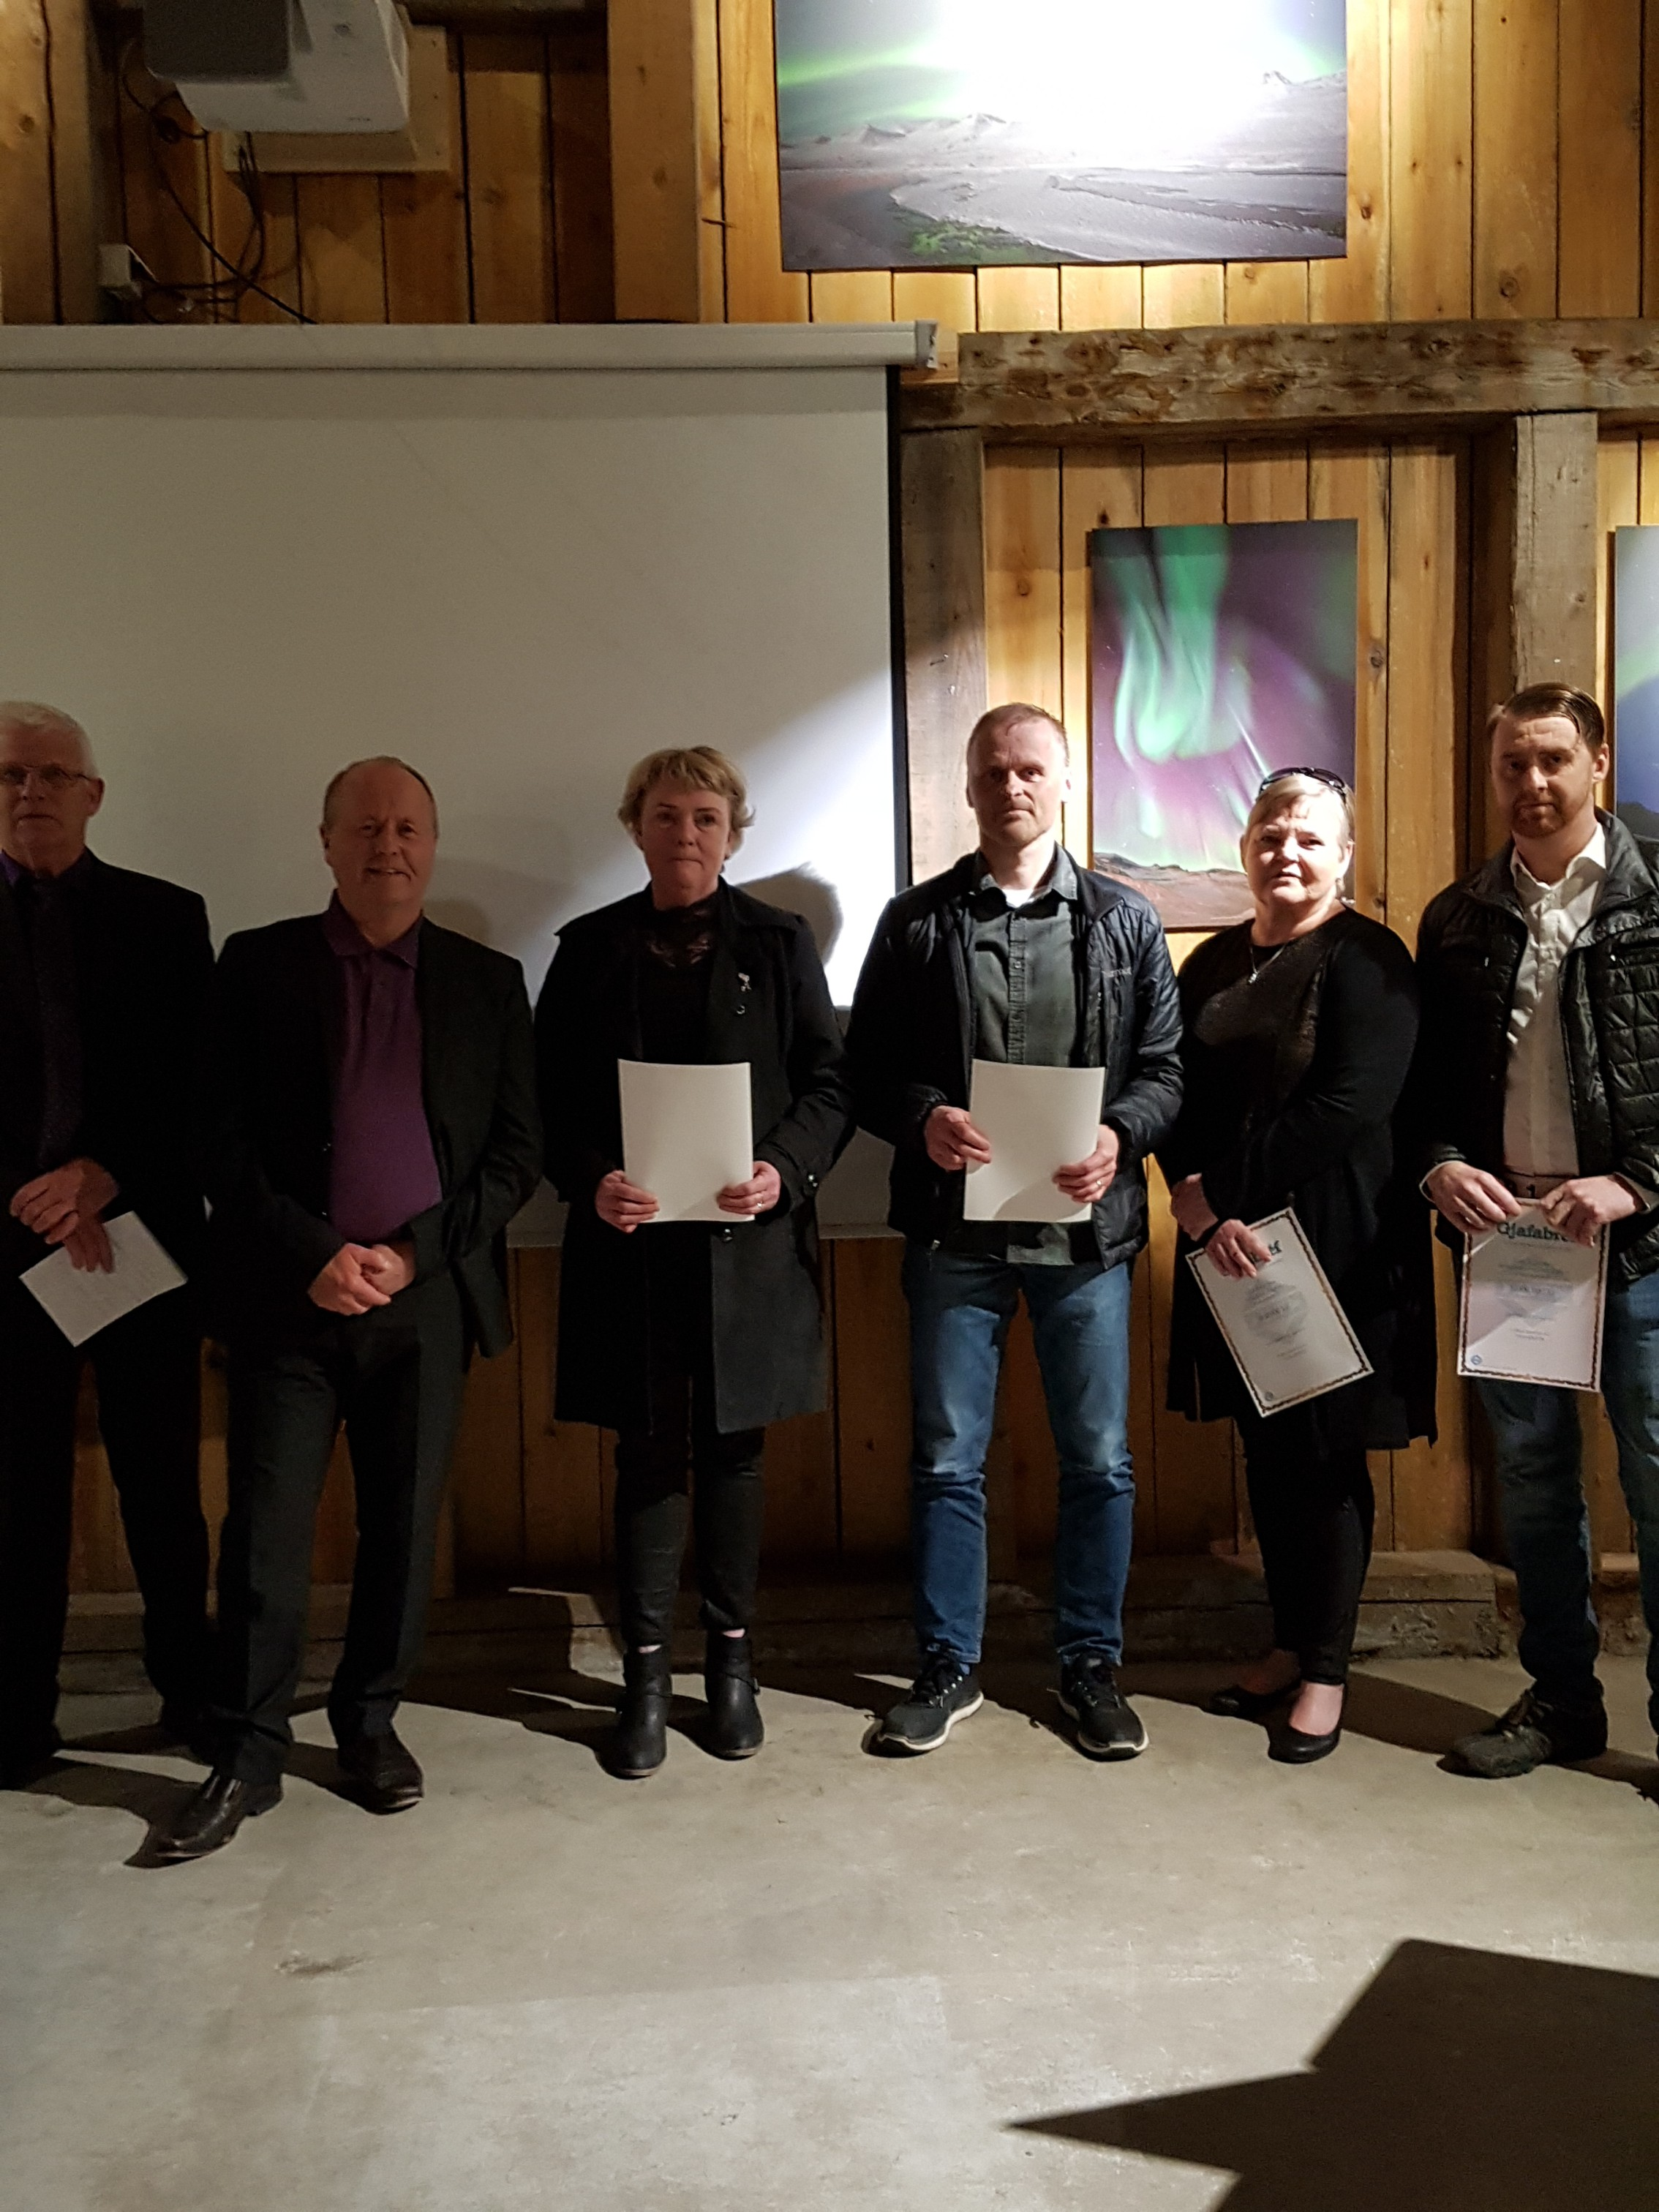 Lars Gunnarsson, Friðrik Mar Guðmundsson, Alberta Eide Guðjónsdóttir, Valur Sveinsson, María Ósk Óskarsdóttir og Grétar Helgi Geirsson